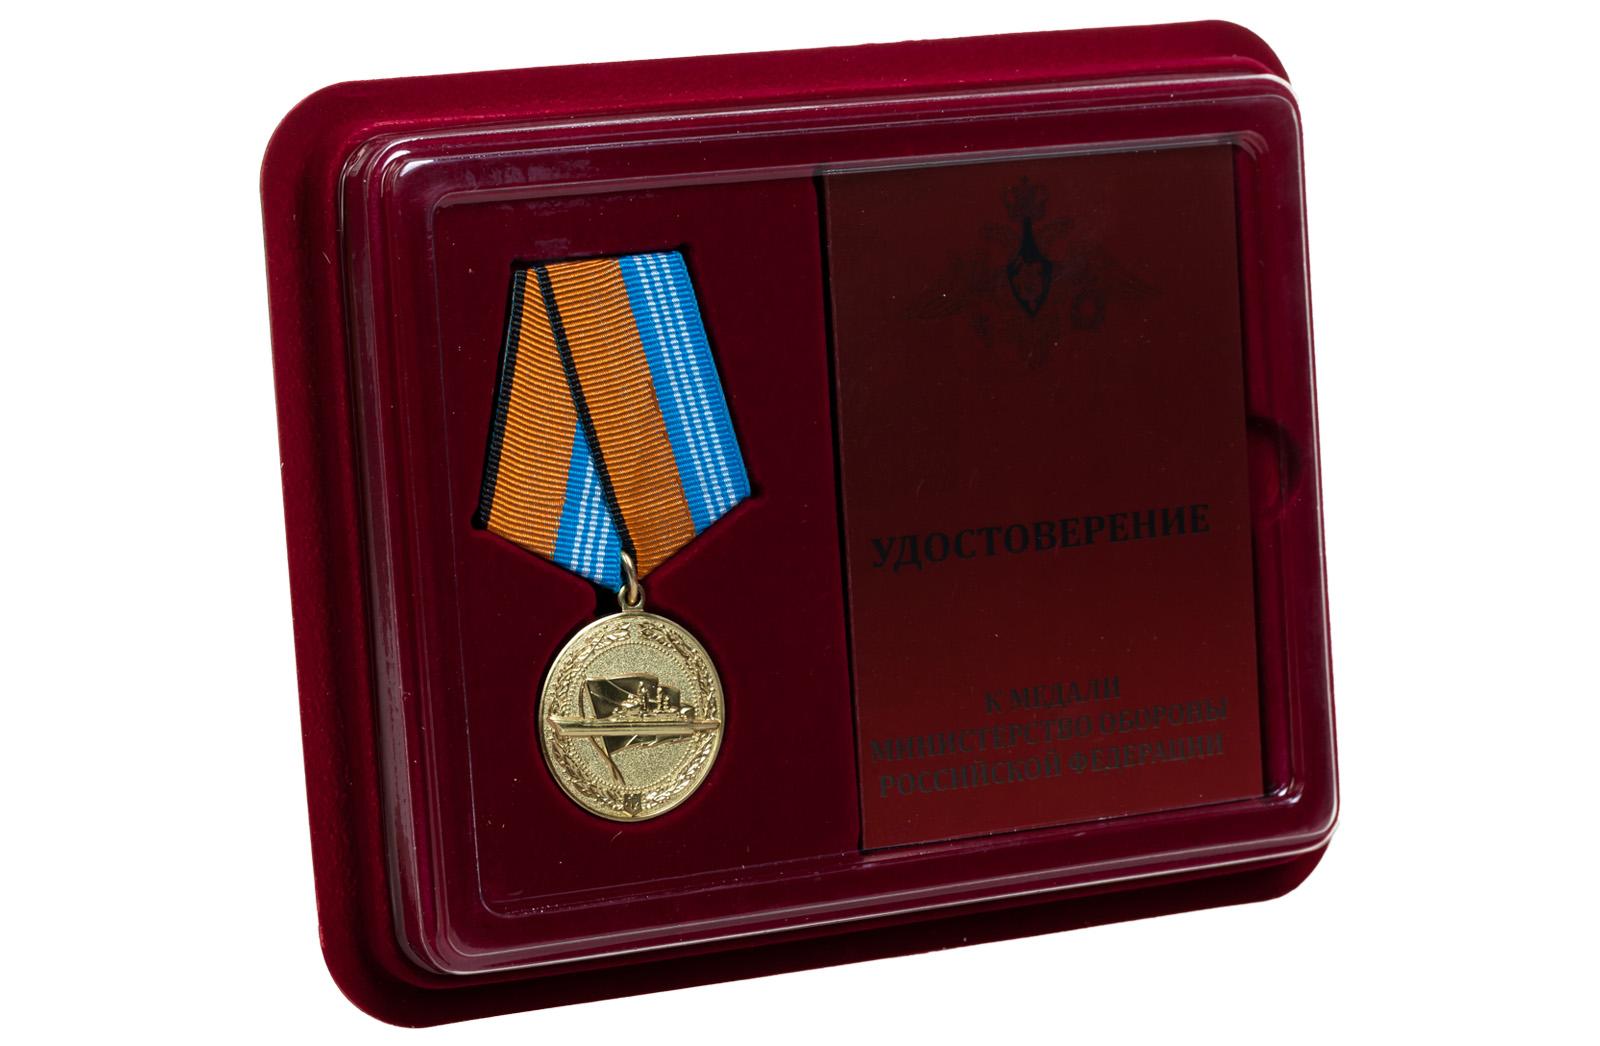 Купить медаль МО РФ За службу в надводных силах ВМФ в подарок